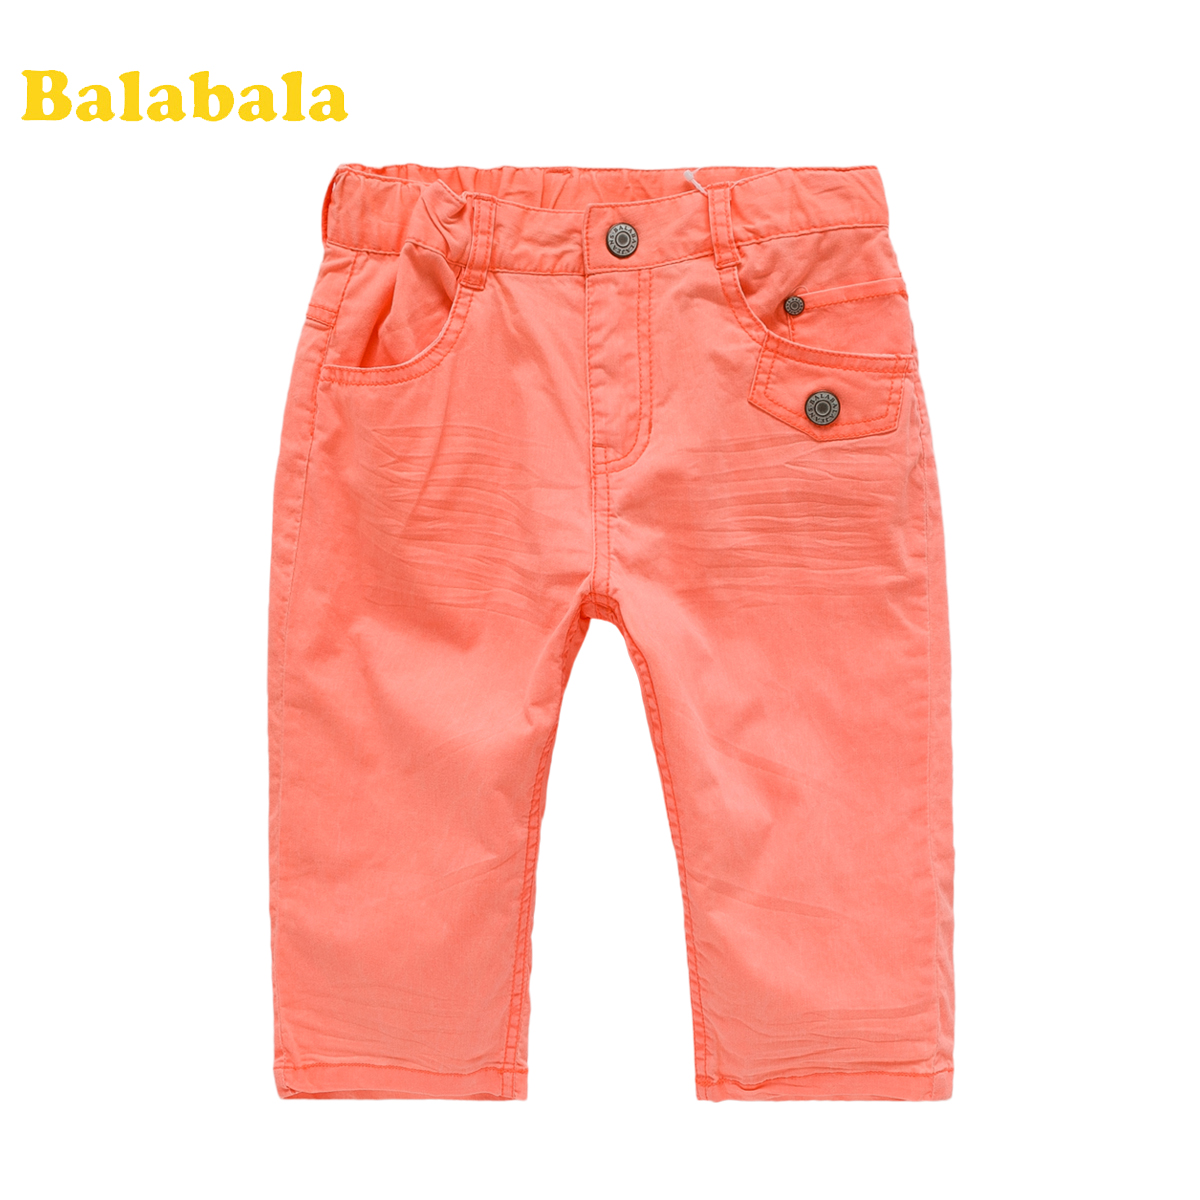 детские штаны Balabala 22092130203 +++ платье mini balabala 52262140621